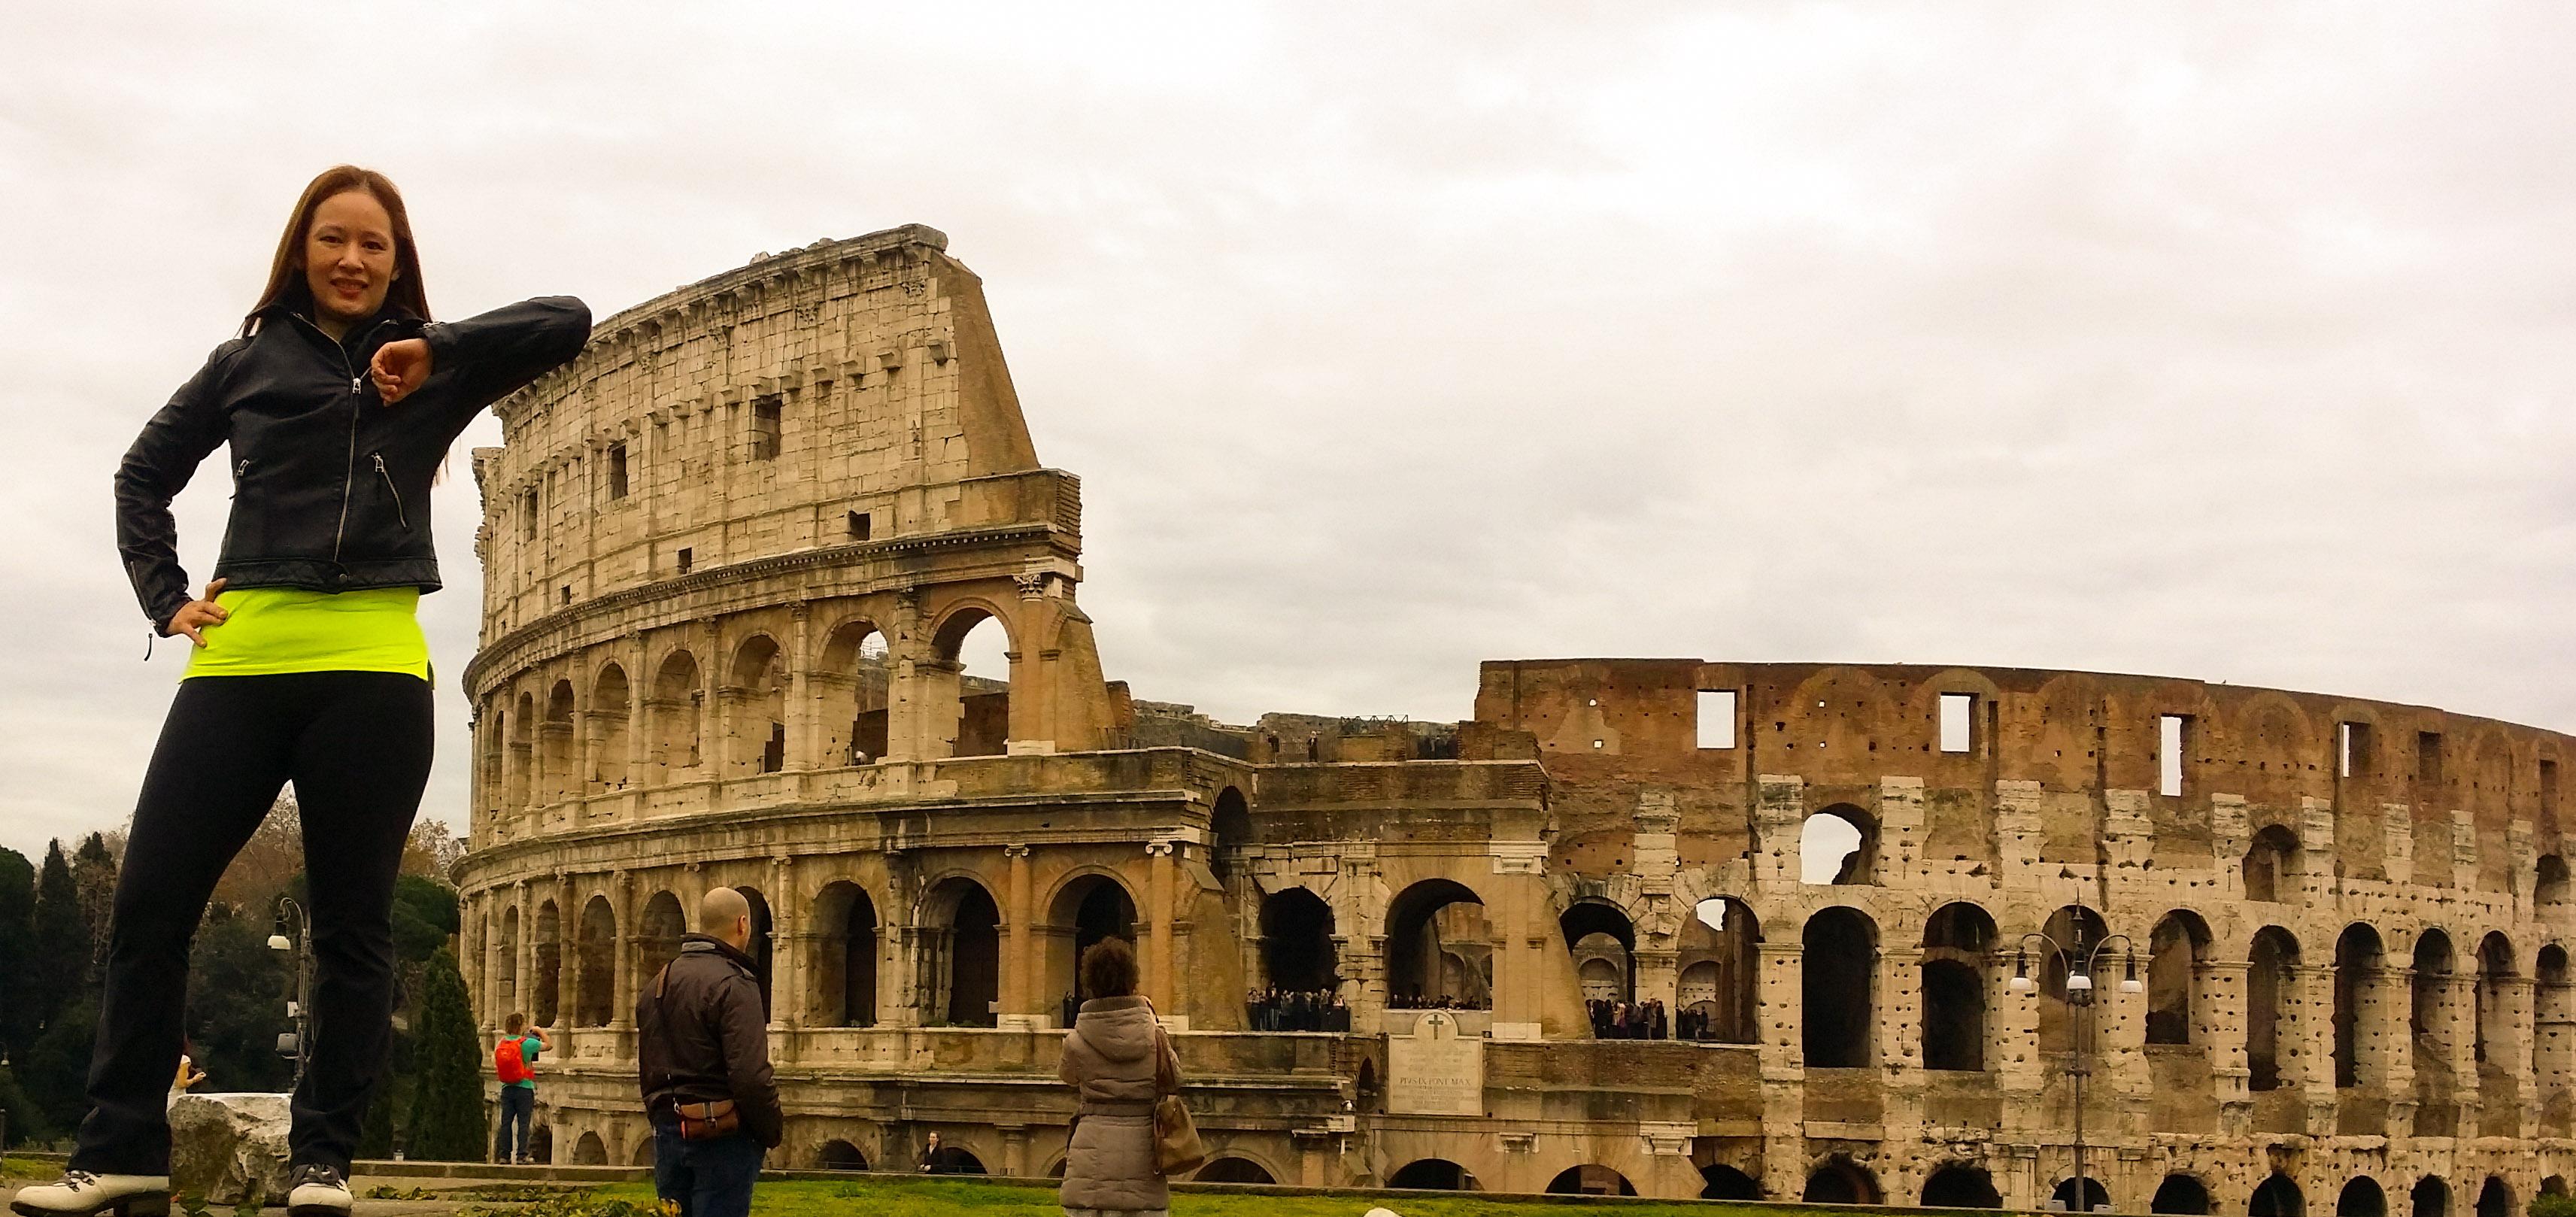 The Roman Colosseo